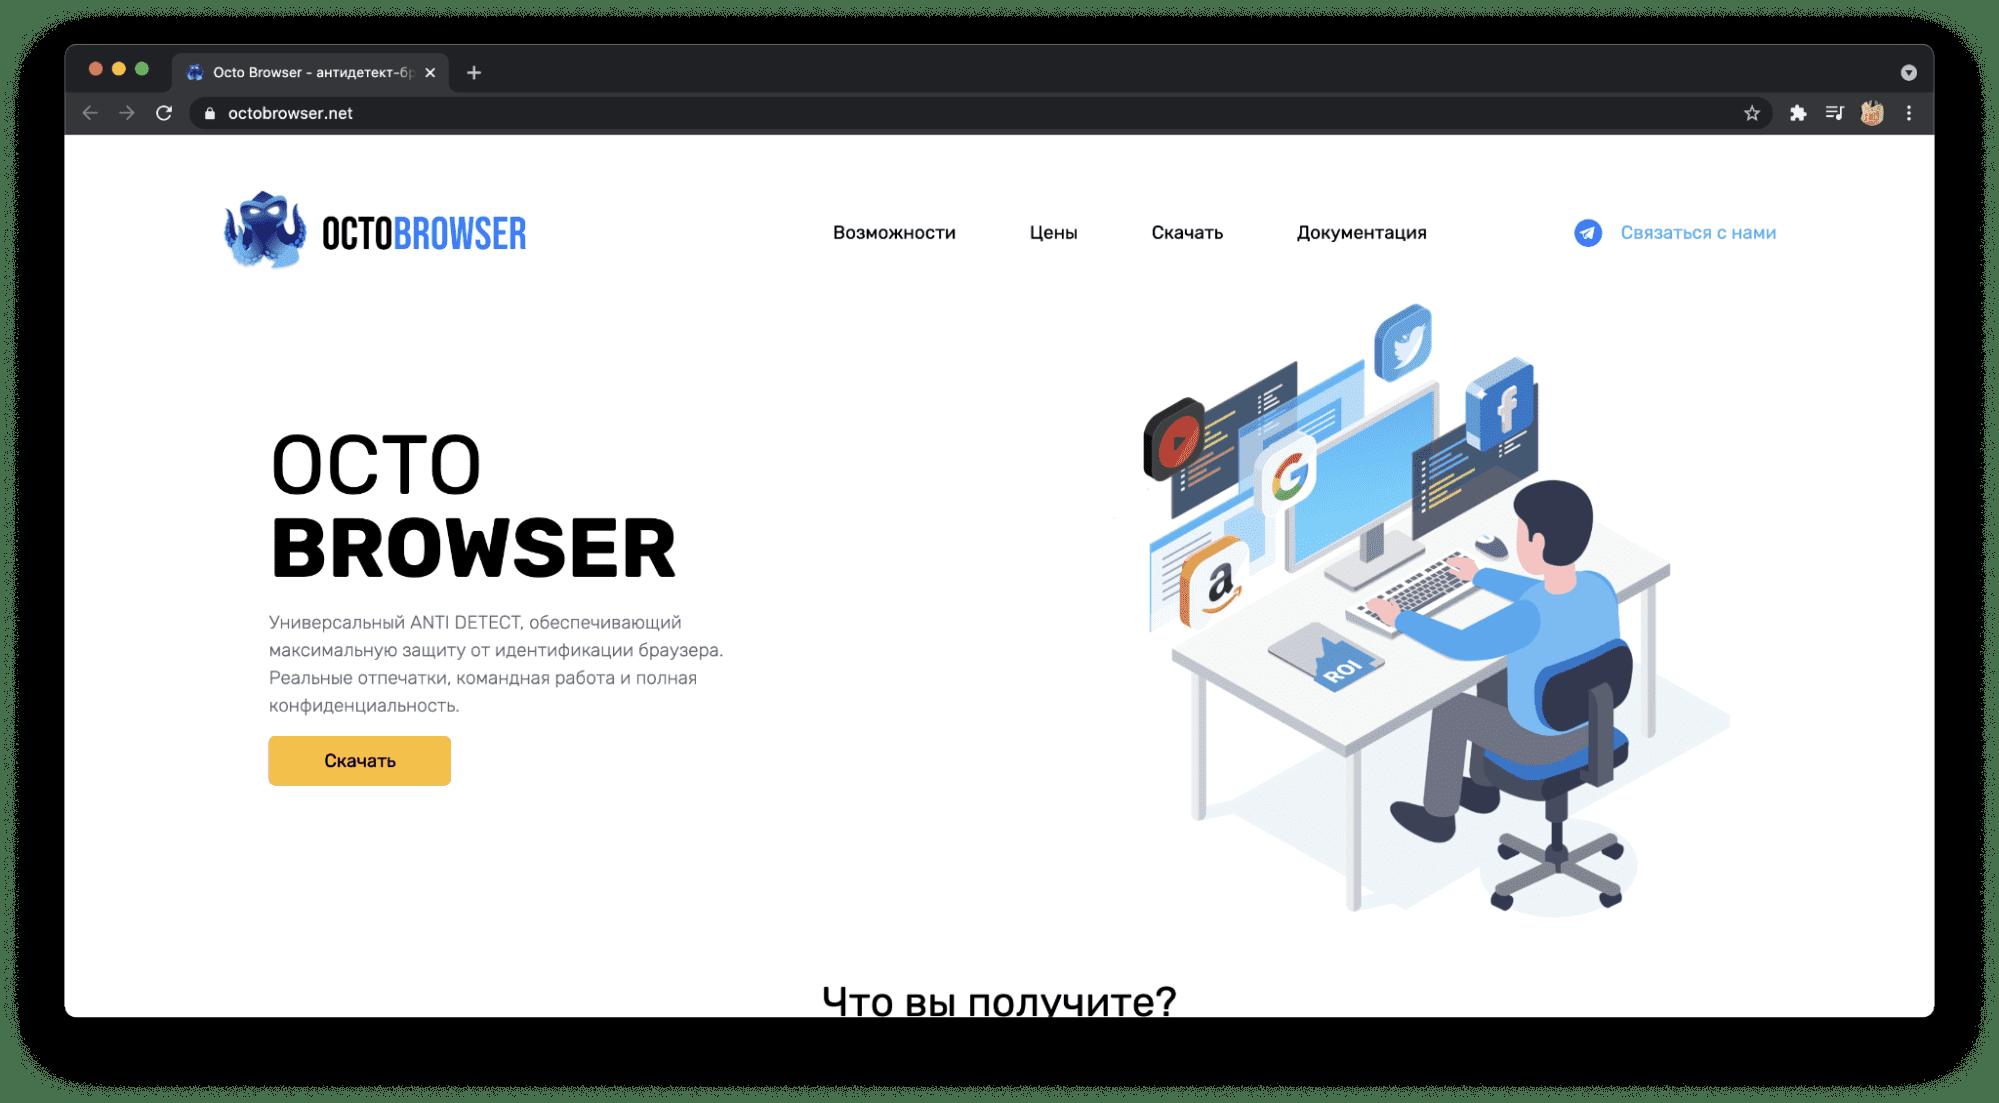 антидетект браузер Octo Browser